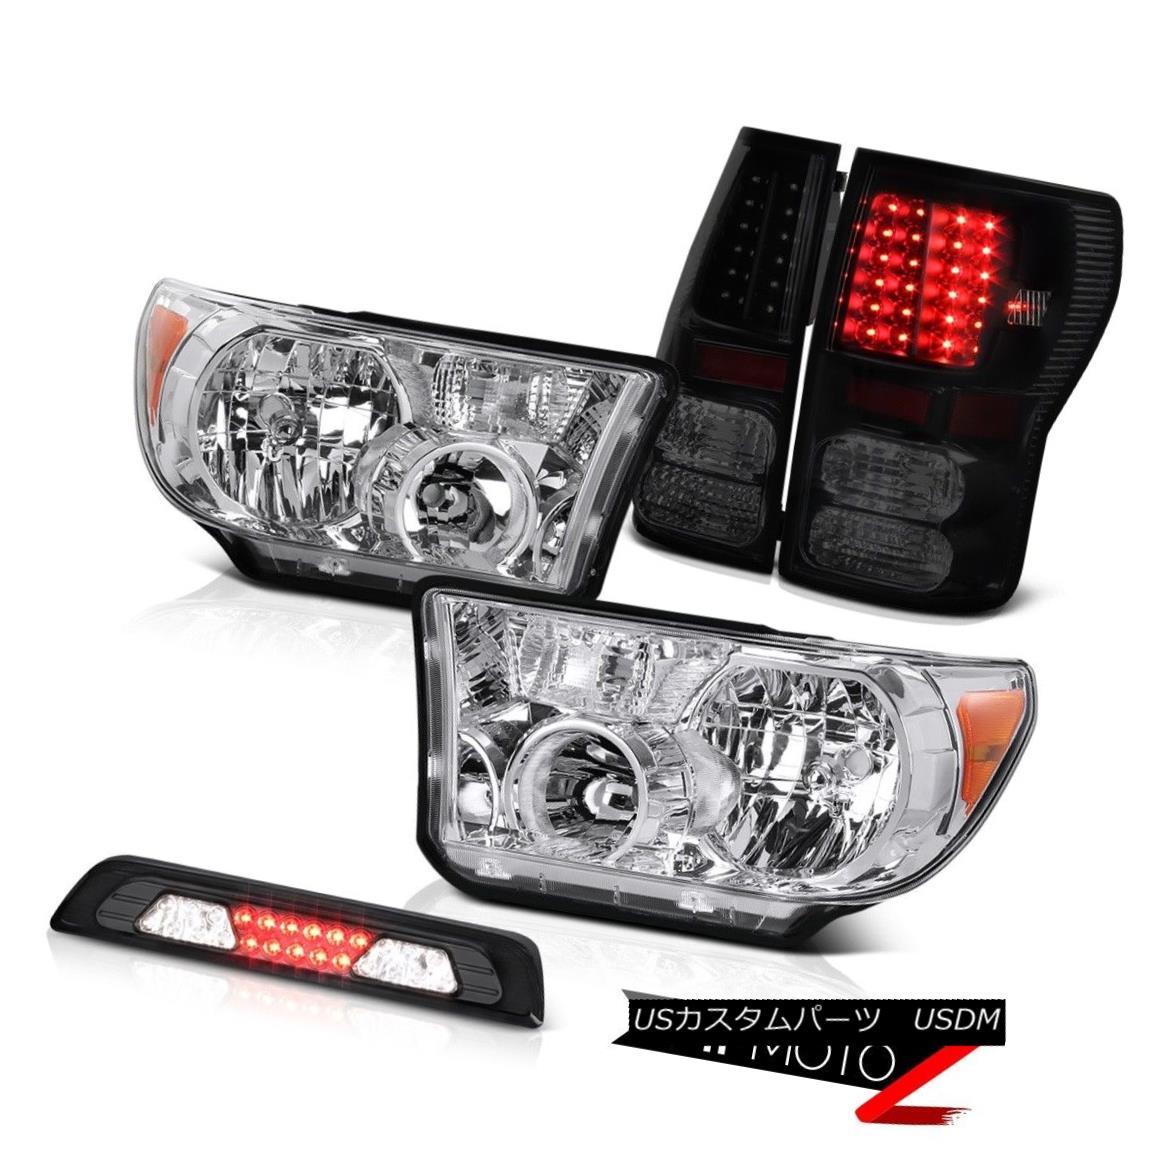 ヘッドライト 07-13 Toyota Tundra SR5 Chrome Headlamps High Stop Light Taillights OE Style SMD 07-13トヨタトンドラSR5クロームヘッドランプハイストップライトテールライトOEスタイルSMD